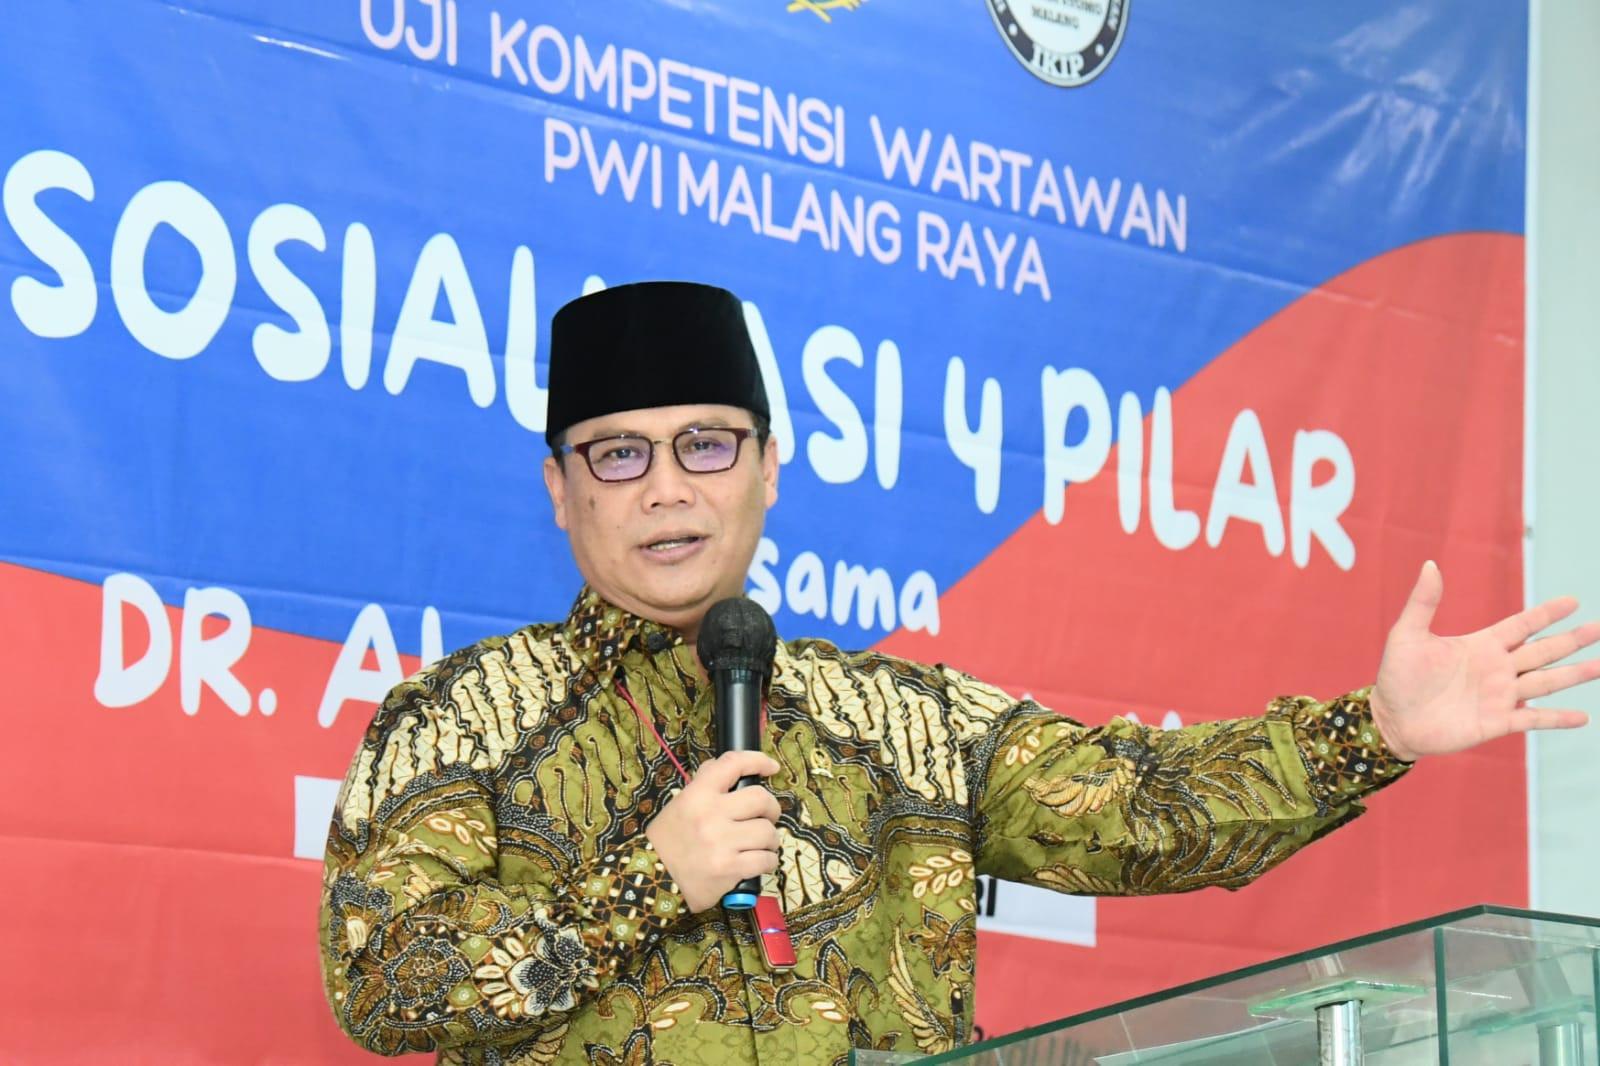 Ahmad Basarah Samakan Spirit Pernyataan Letjen Dudung dengan Doktrin KH Hasyim Asyari - JPNN.com